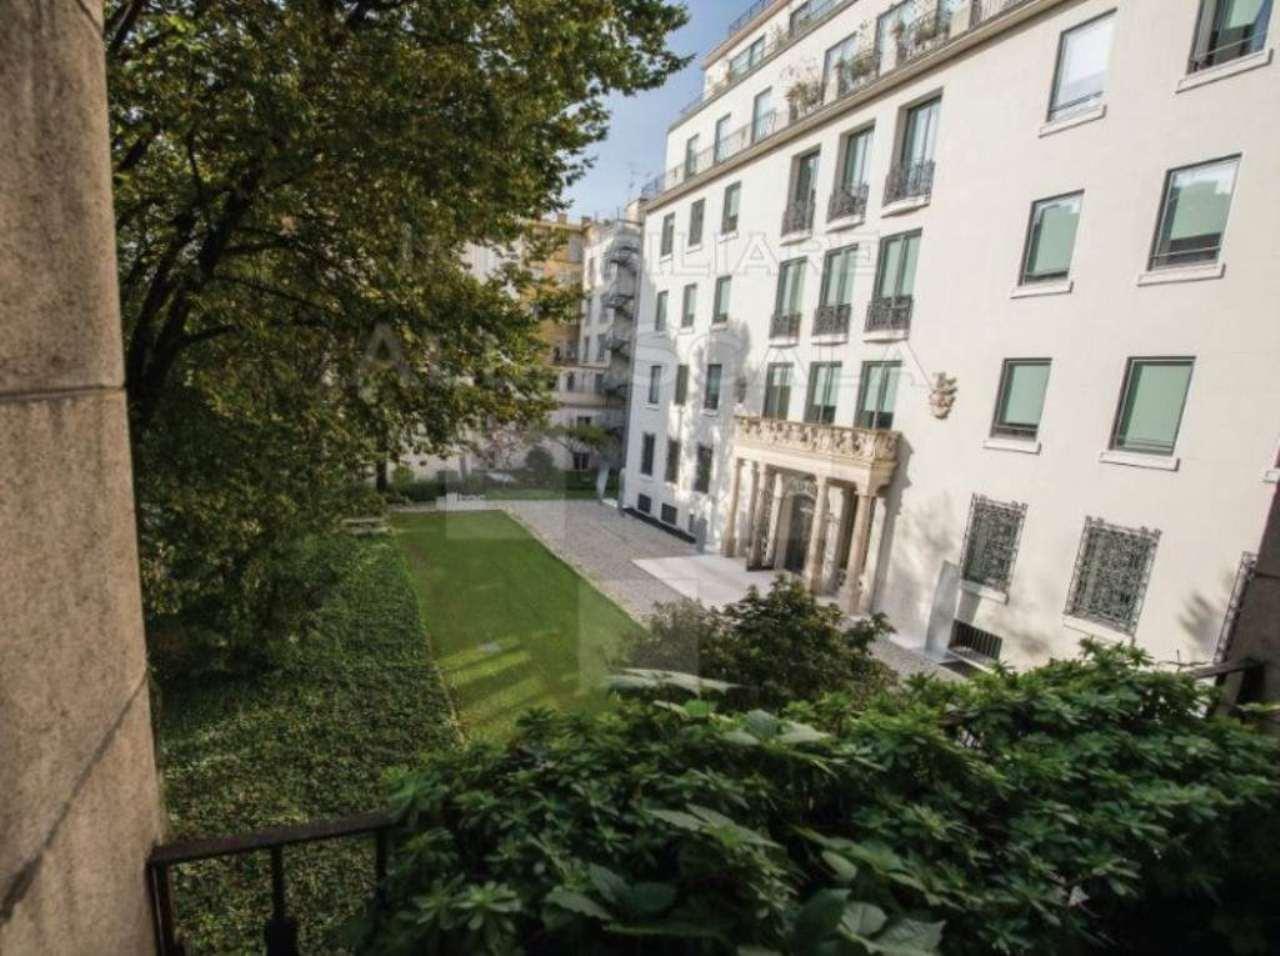 Appartamento in vendita a Milano, 5 locali, zona Zona: 1 . Centro Storico, Duomo, Brera, Cadorna, Cattolica, prezzo € 1.575.000 | Cambio Casa.it